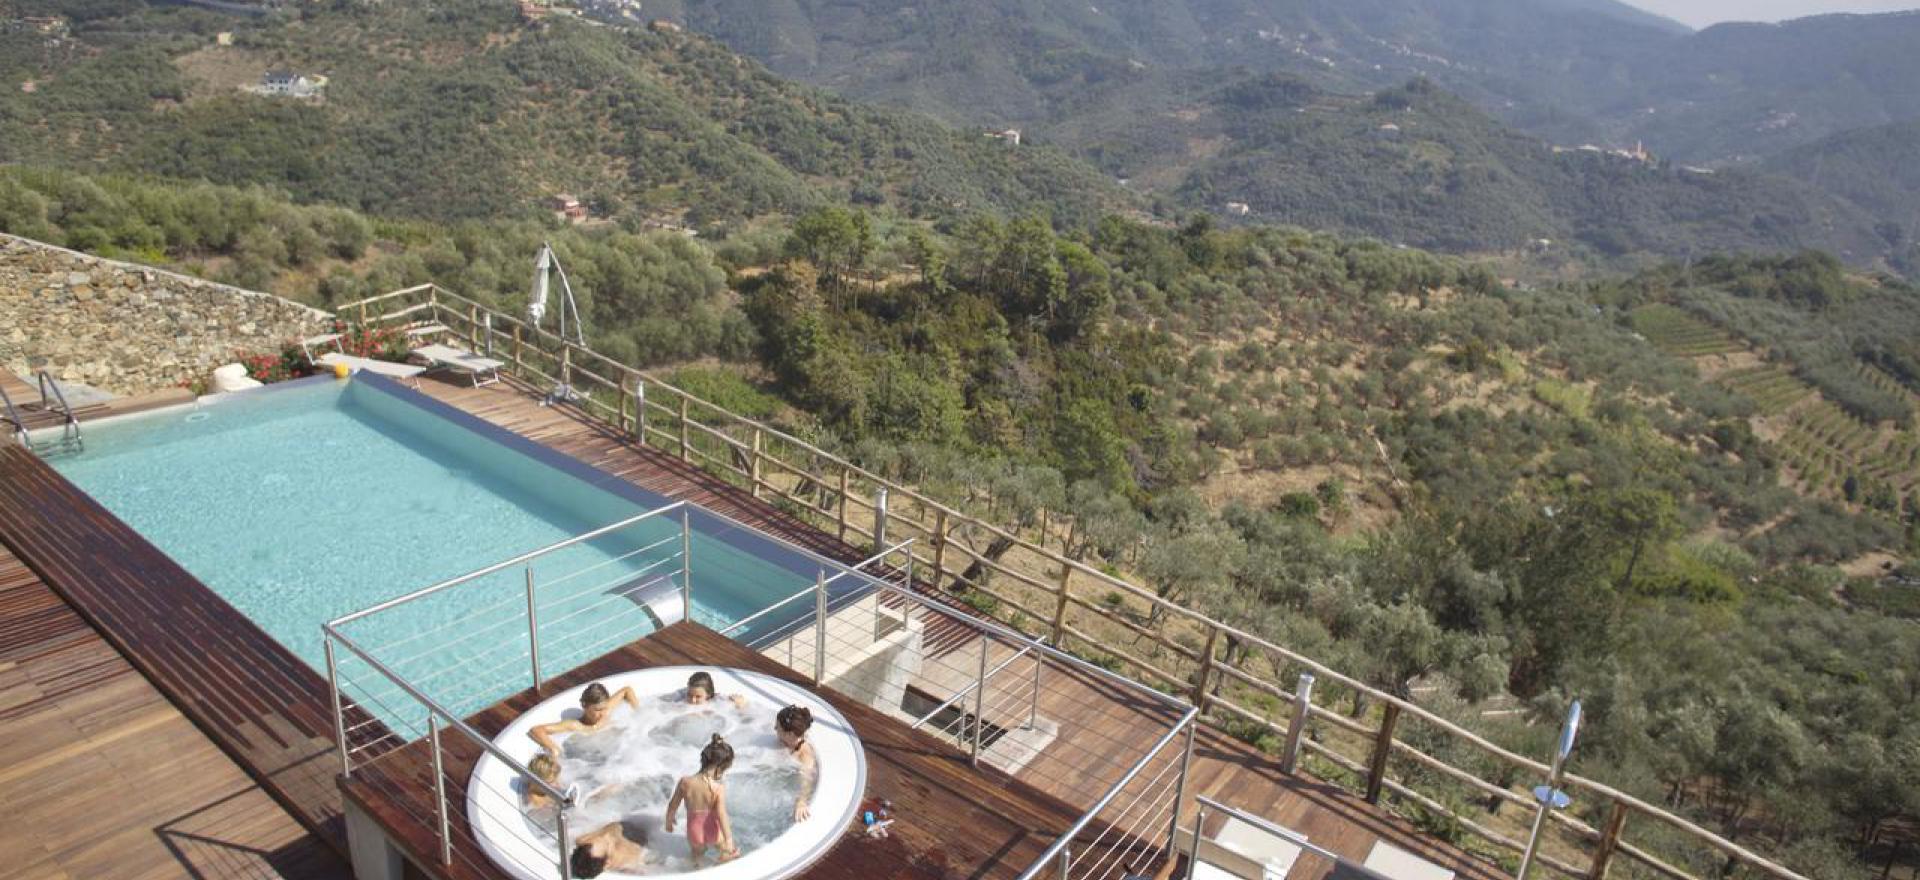 Elegante agriturismo vicino alle cinque terre liguria - Agriturismo liguria con piscina ...